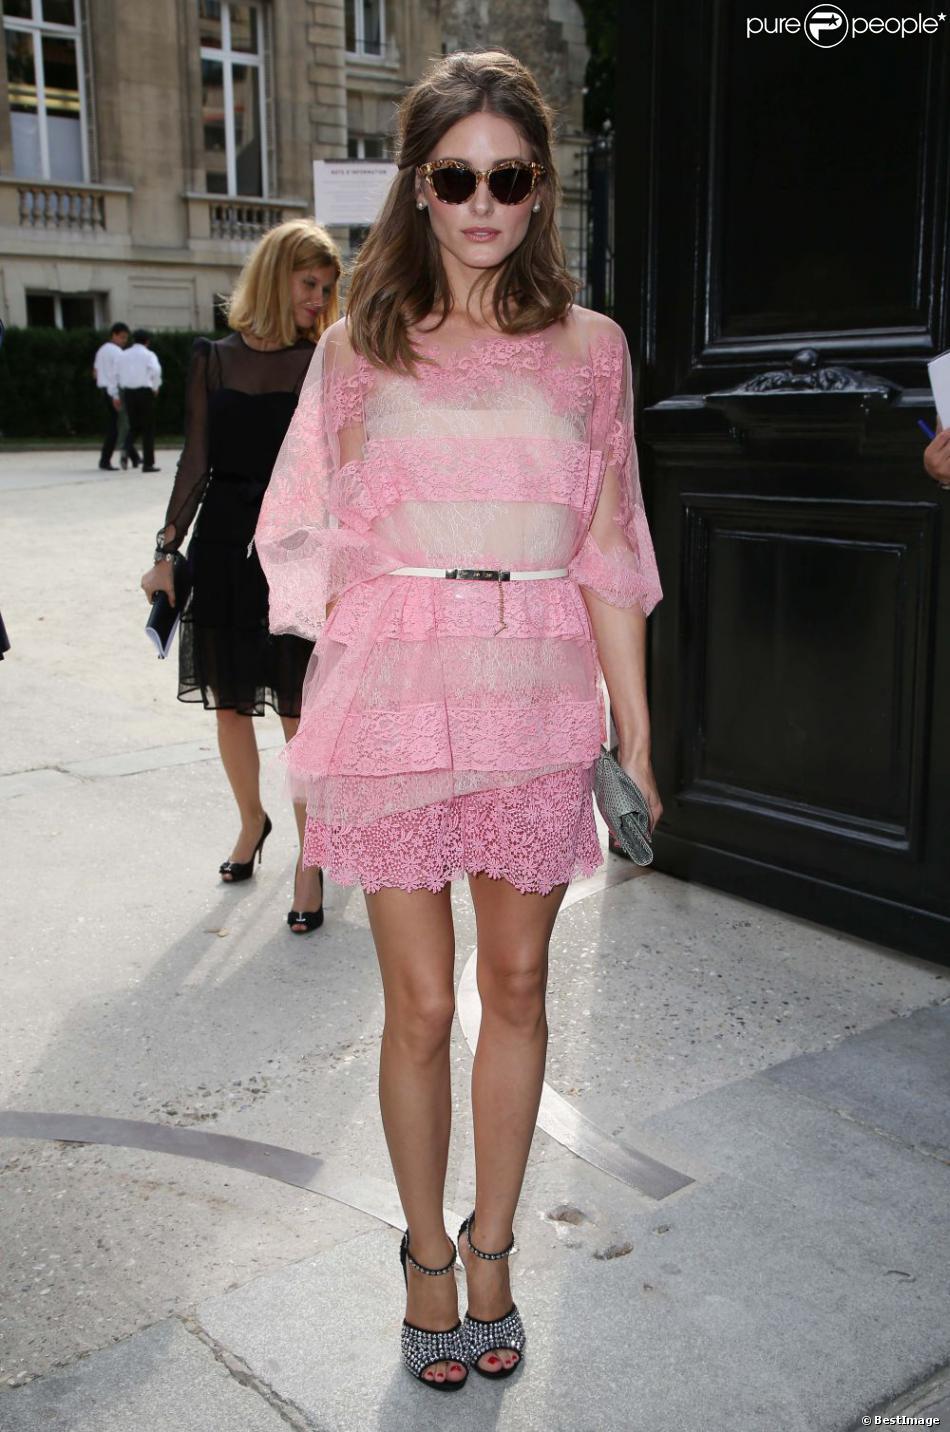 Olivia Palermo en robe Valentino et sandales couvertes de cristaux Giuseppe Zanotti Design à Paris, le 4 juillet 2012.